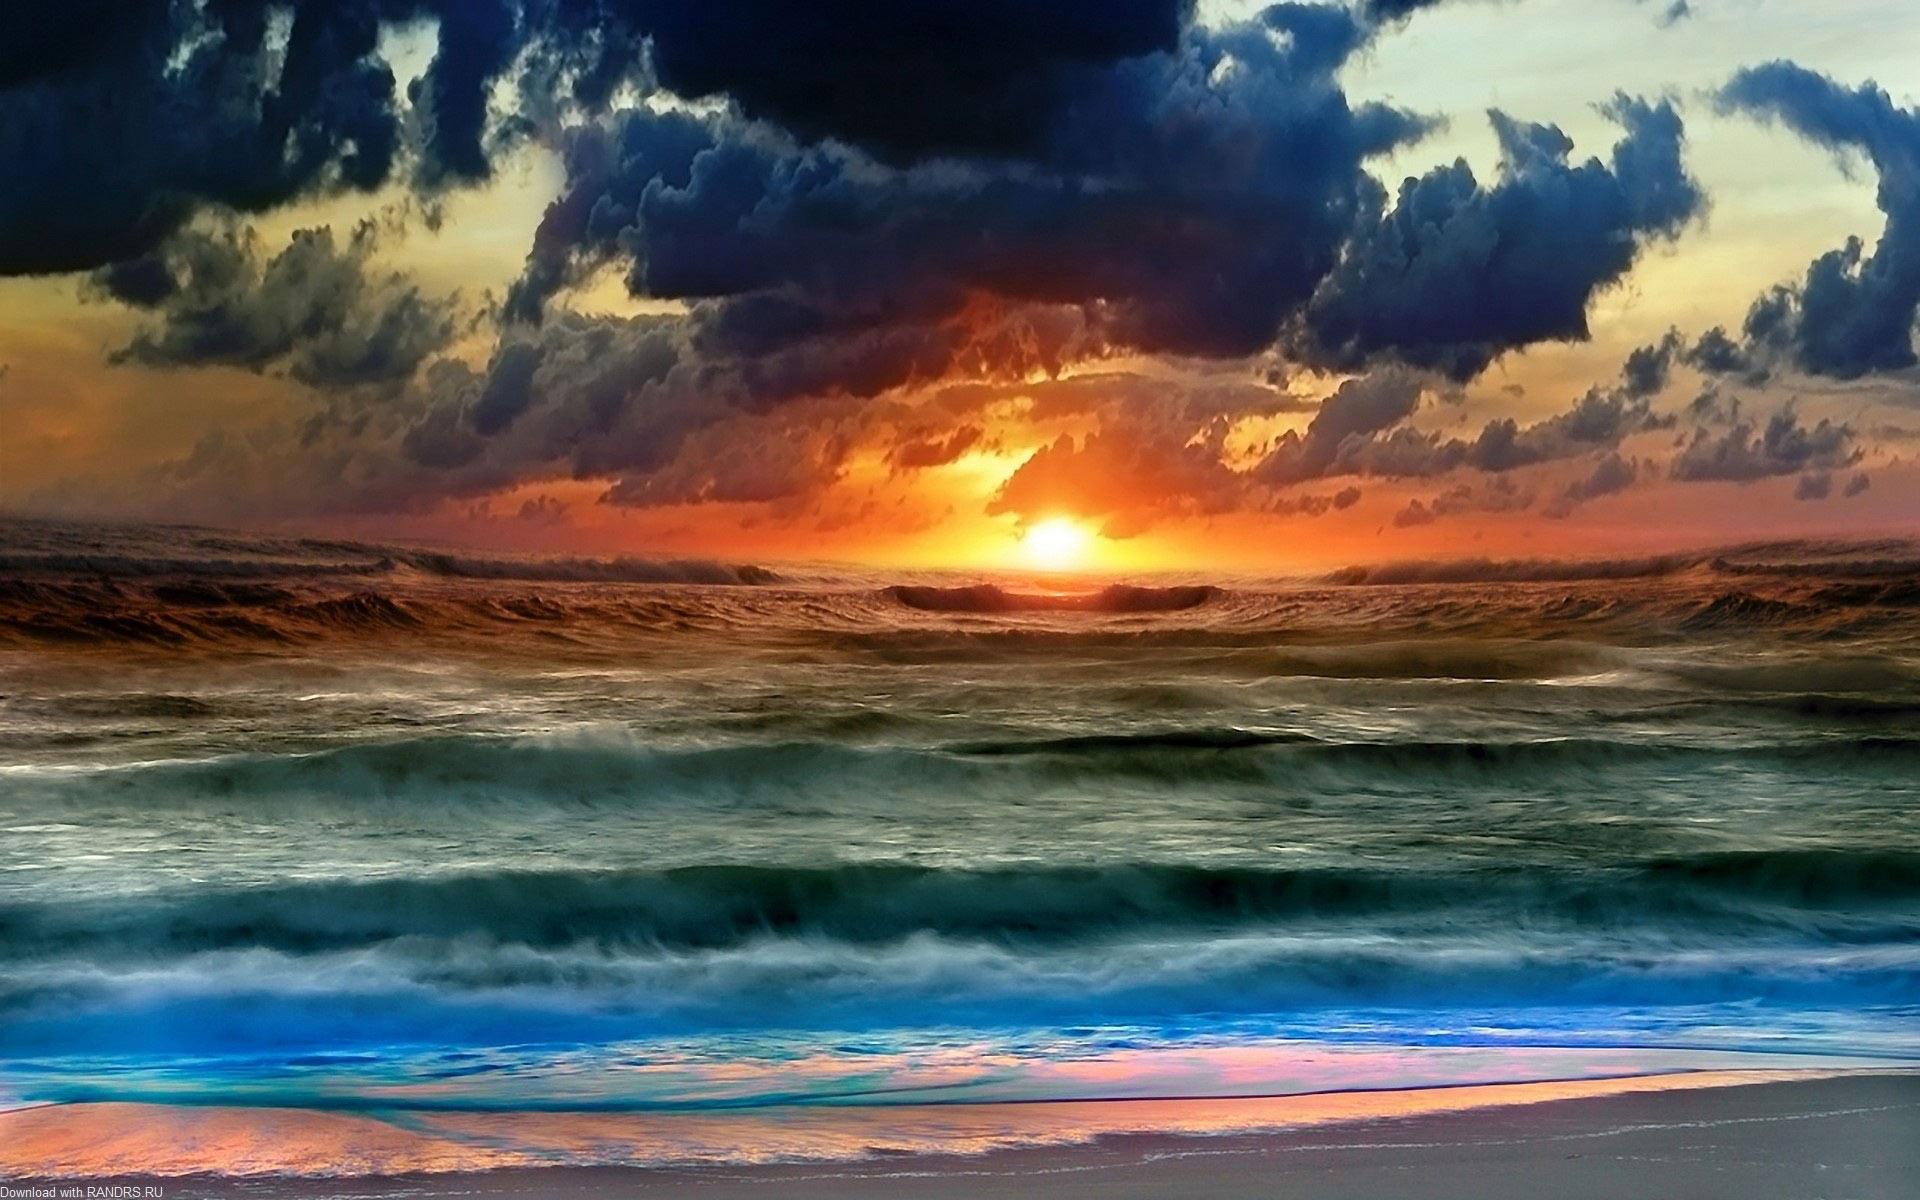 Free Seascape Wallpaper 29209 1920x1200 px